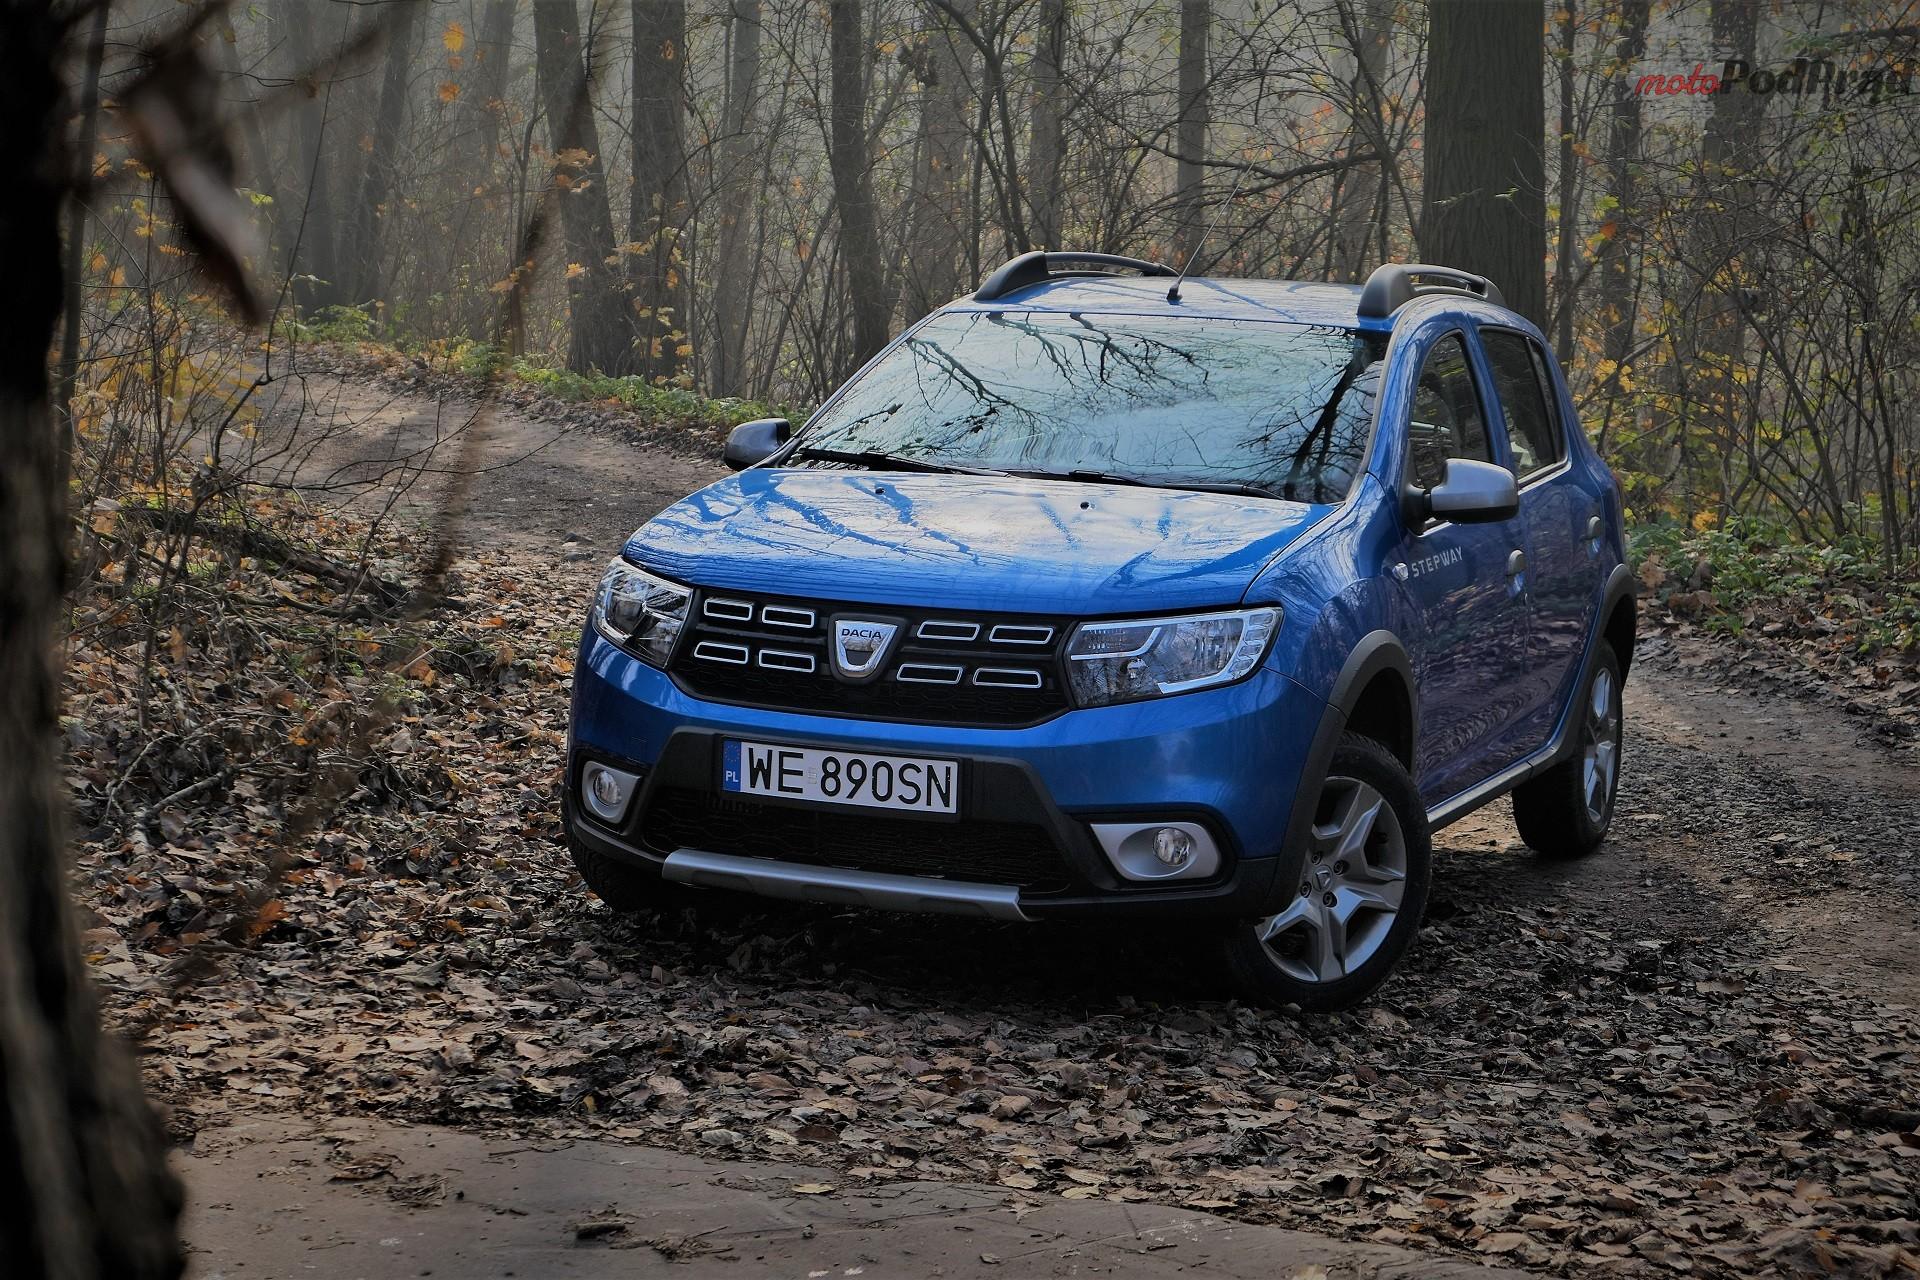 Dacia Sandero Stepway 15 Test: Dacia Sandero Stepway   w prostocie siła